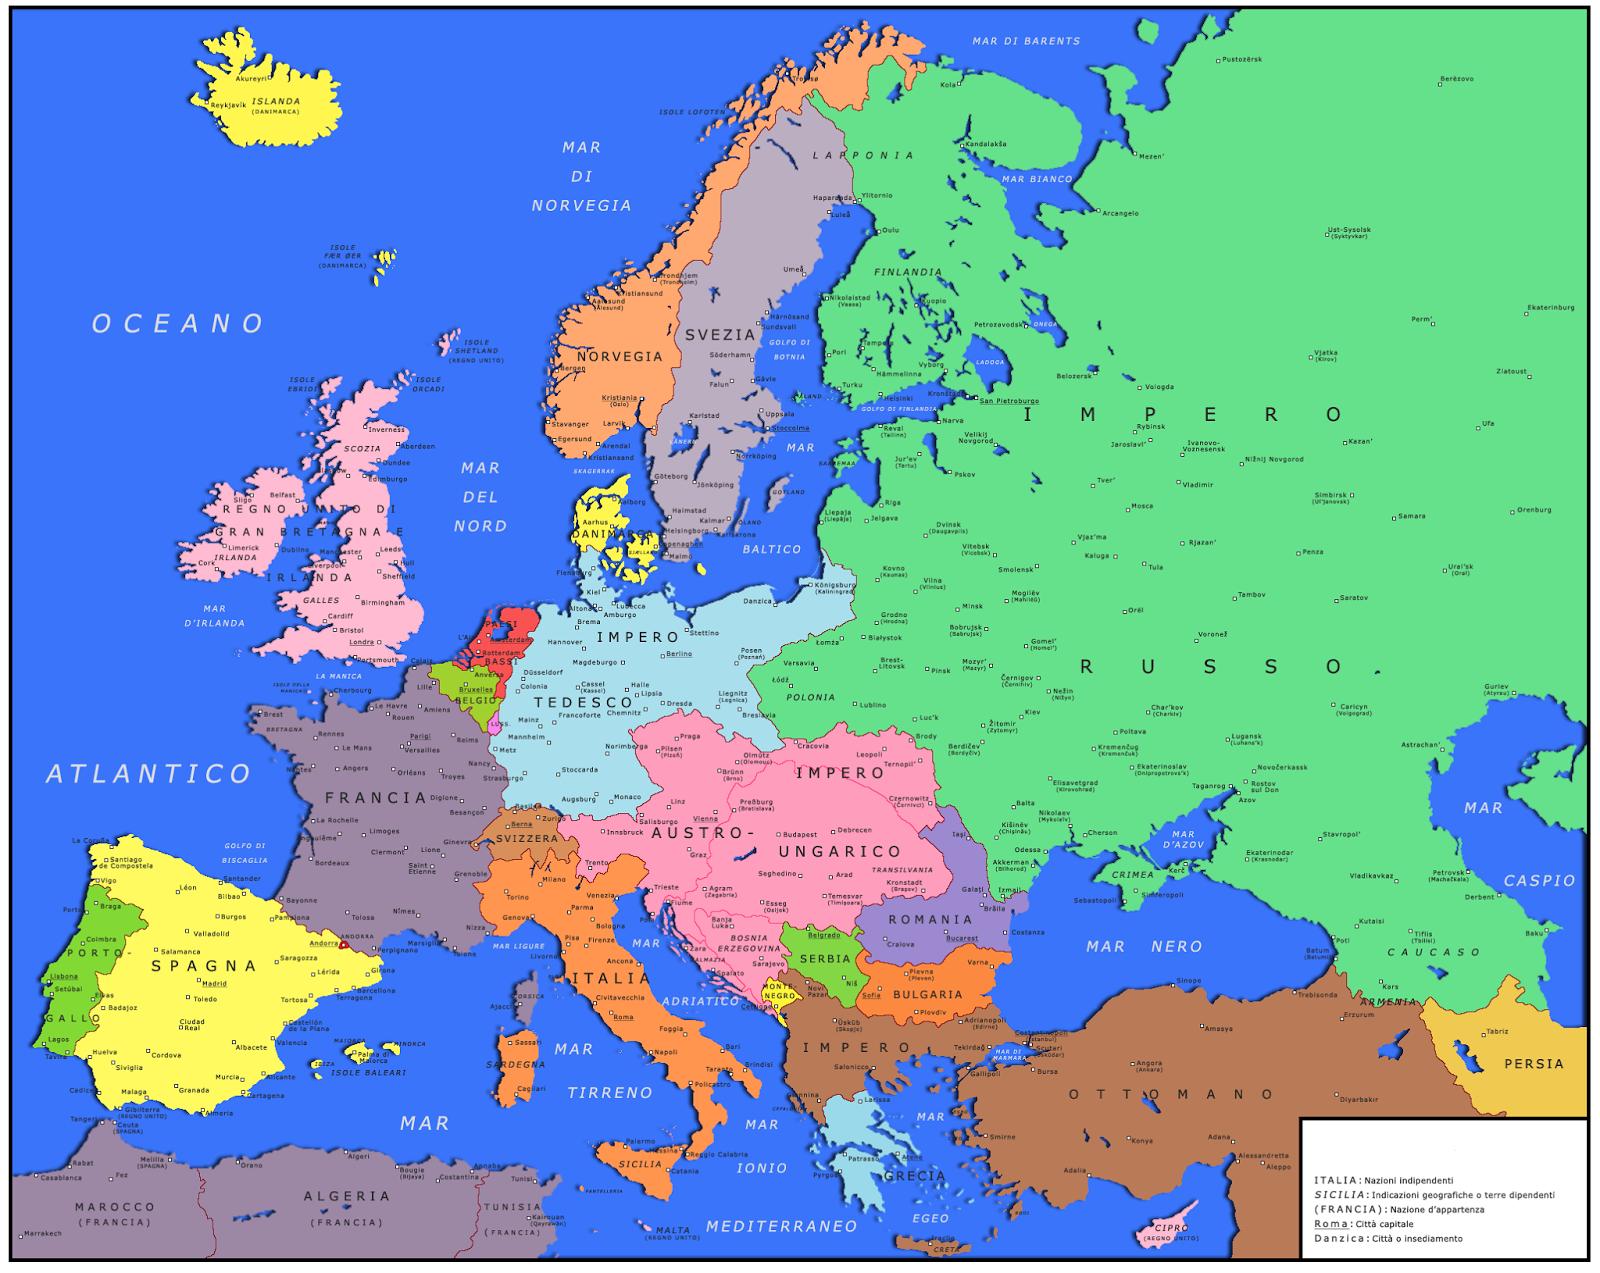 Cartina Politica Europa 1914.1898 Un Anno Ricco Di Eventi Mappa Politica Dell Europa Nel 1898